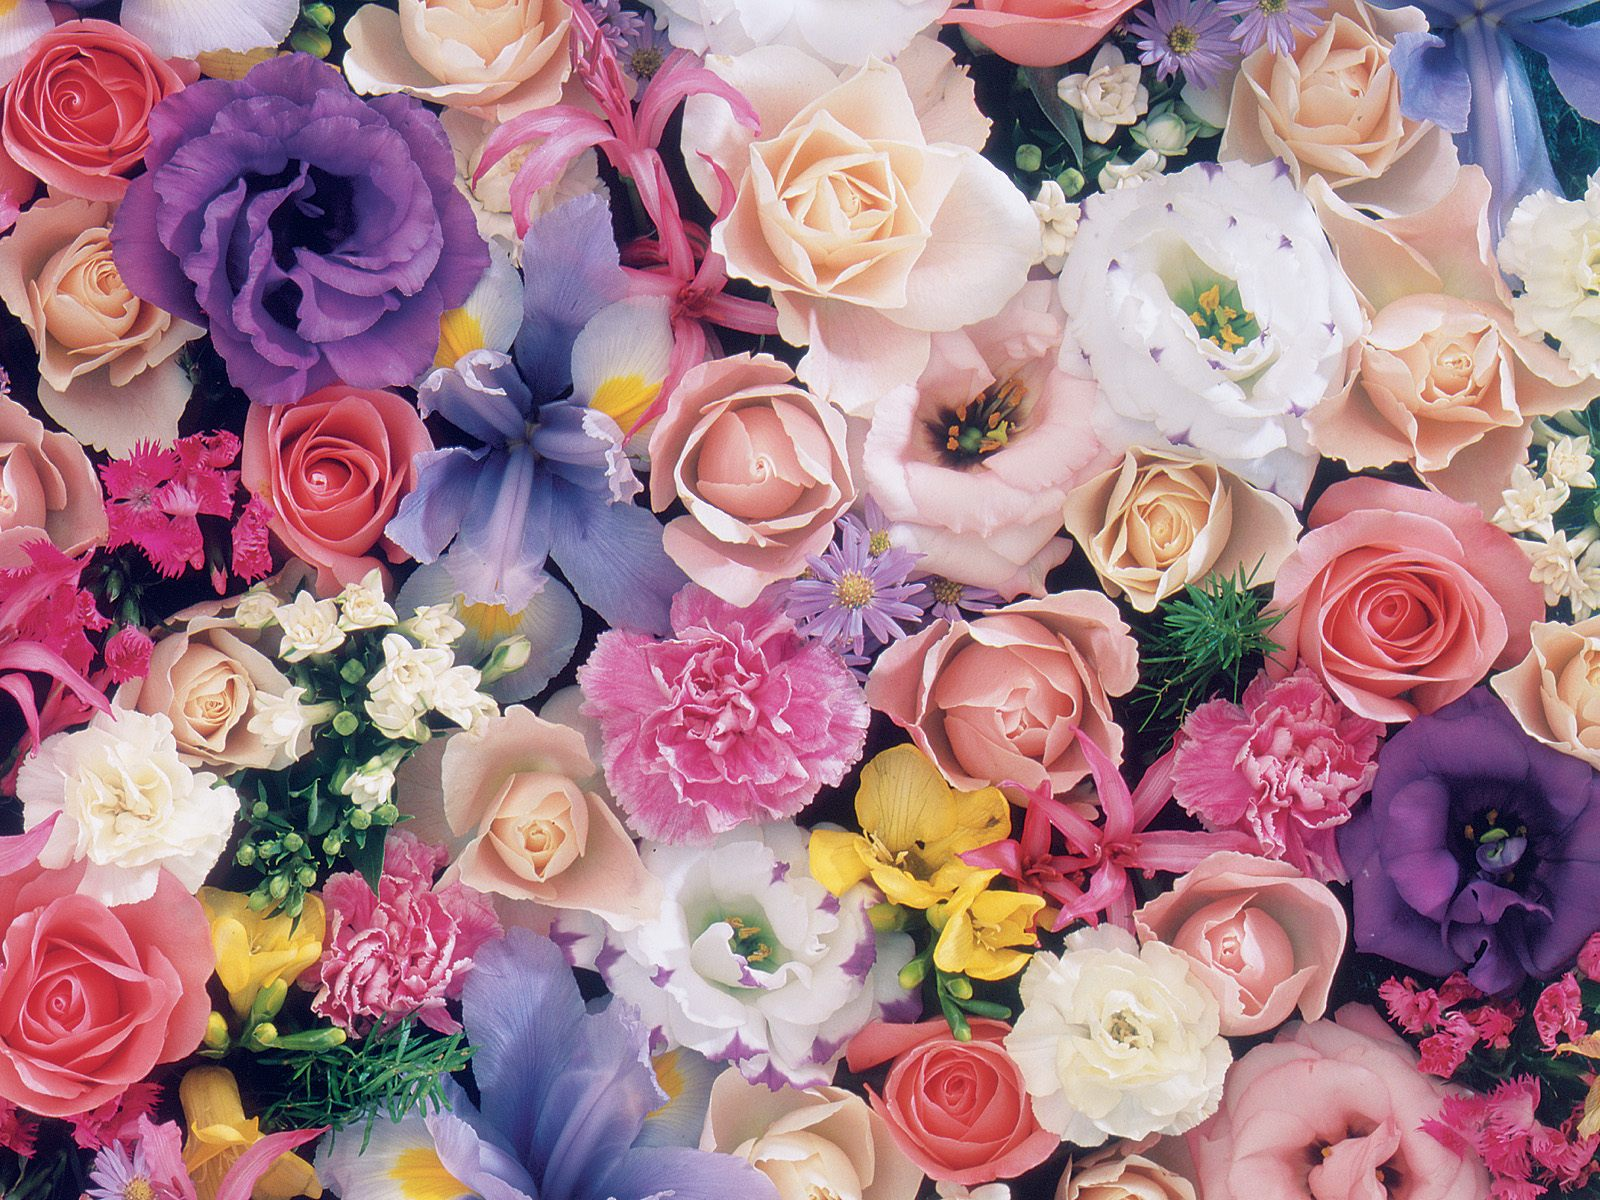 بالصور صور خلفيات ورد , اجمل صور خلفيات ورد وزهور مميزة 5778 3